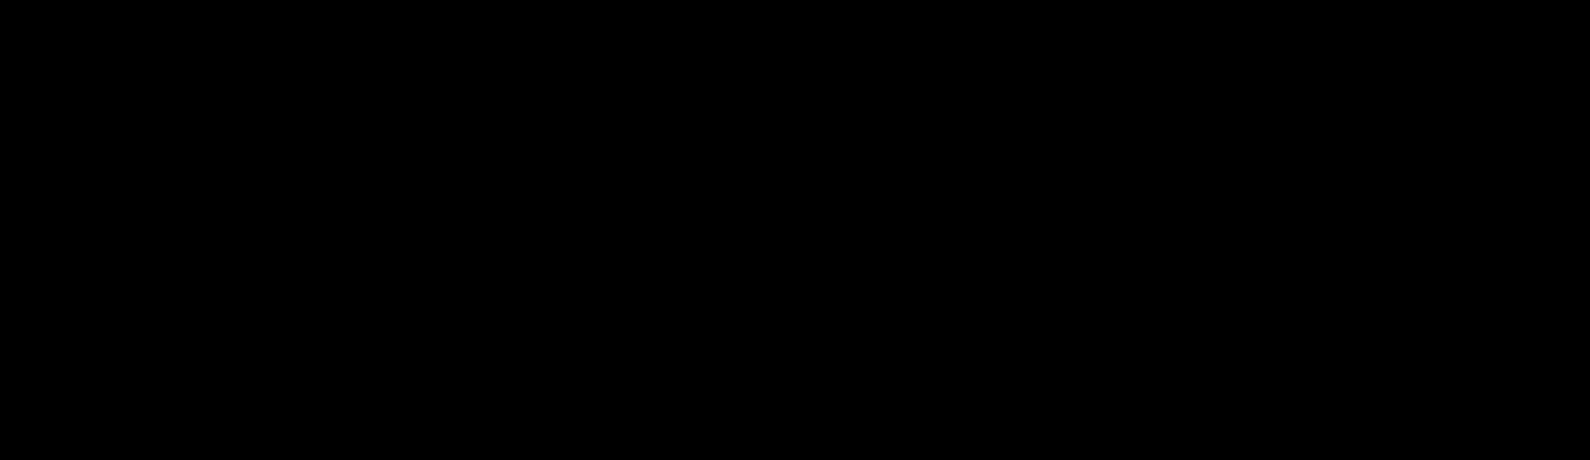 Sharefox's logo.